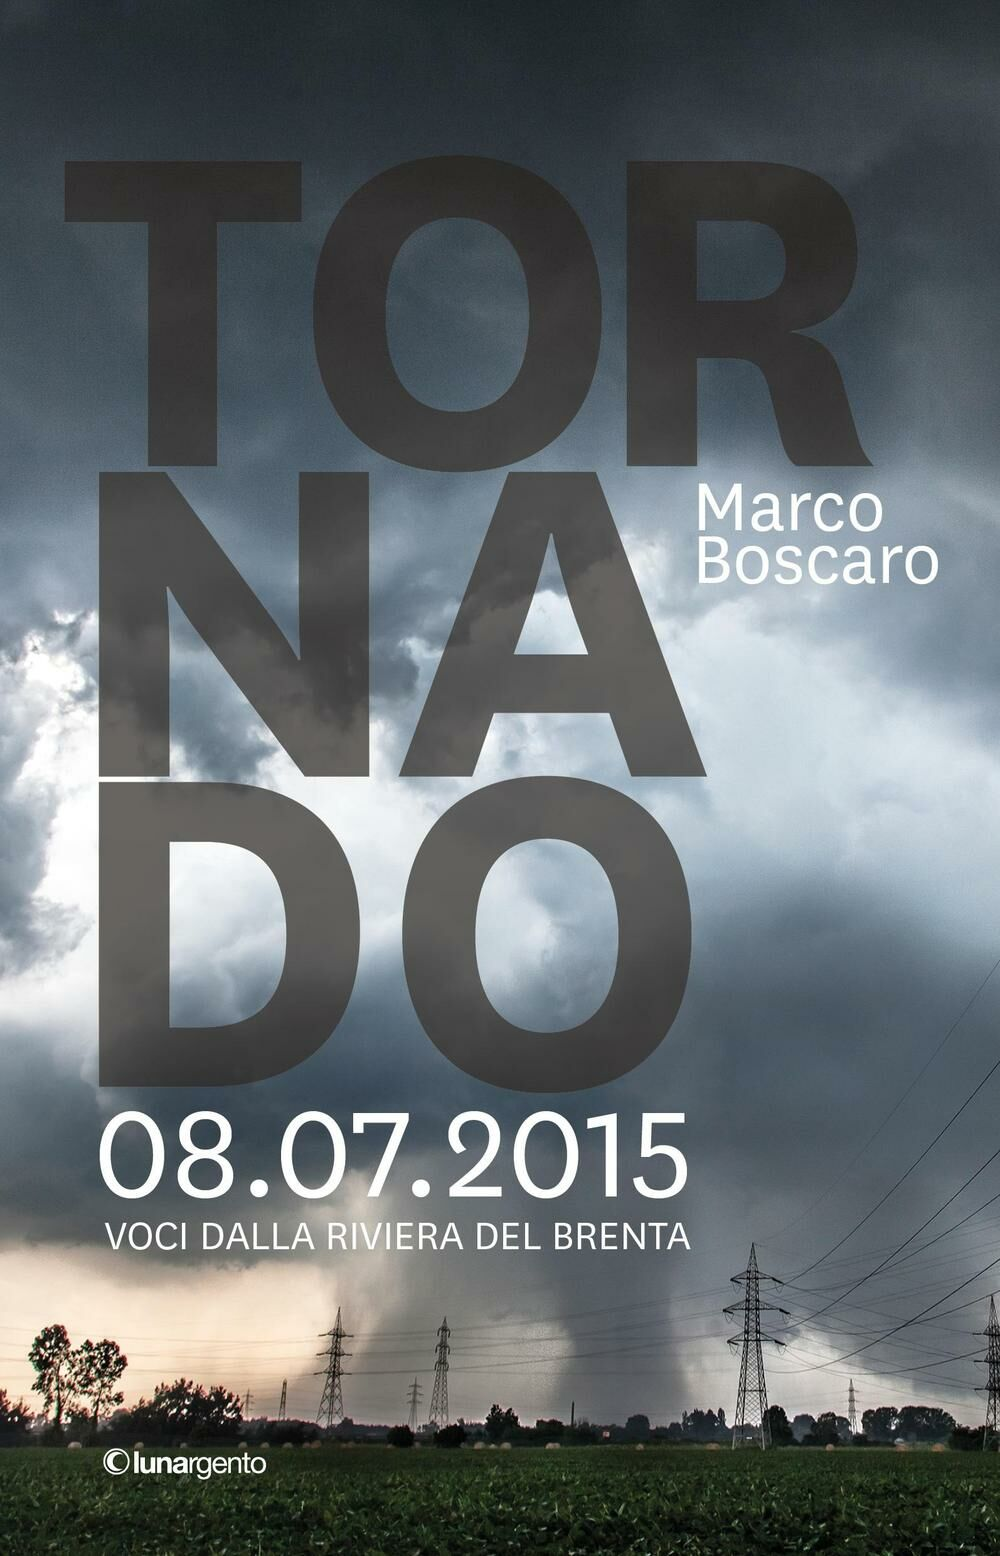 Tornado 8.07.2015. Voci dalla riviera del Brenta